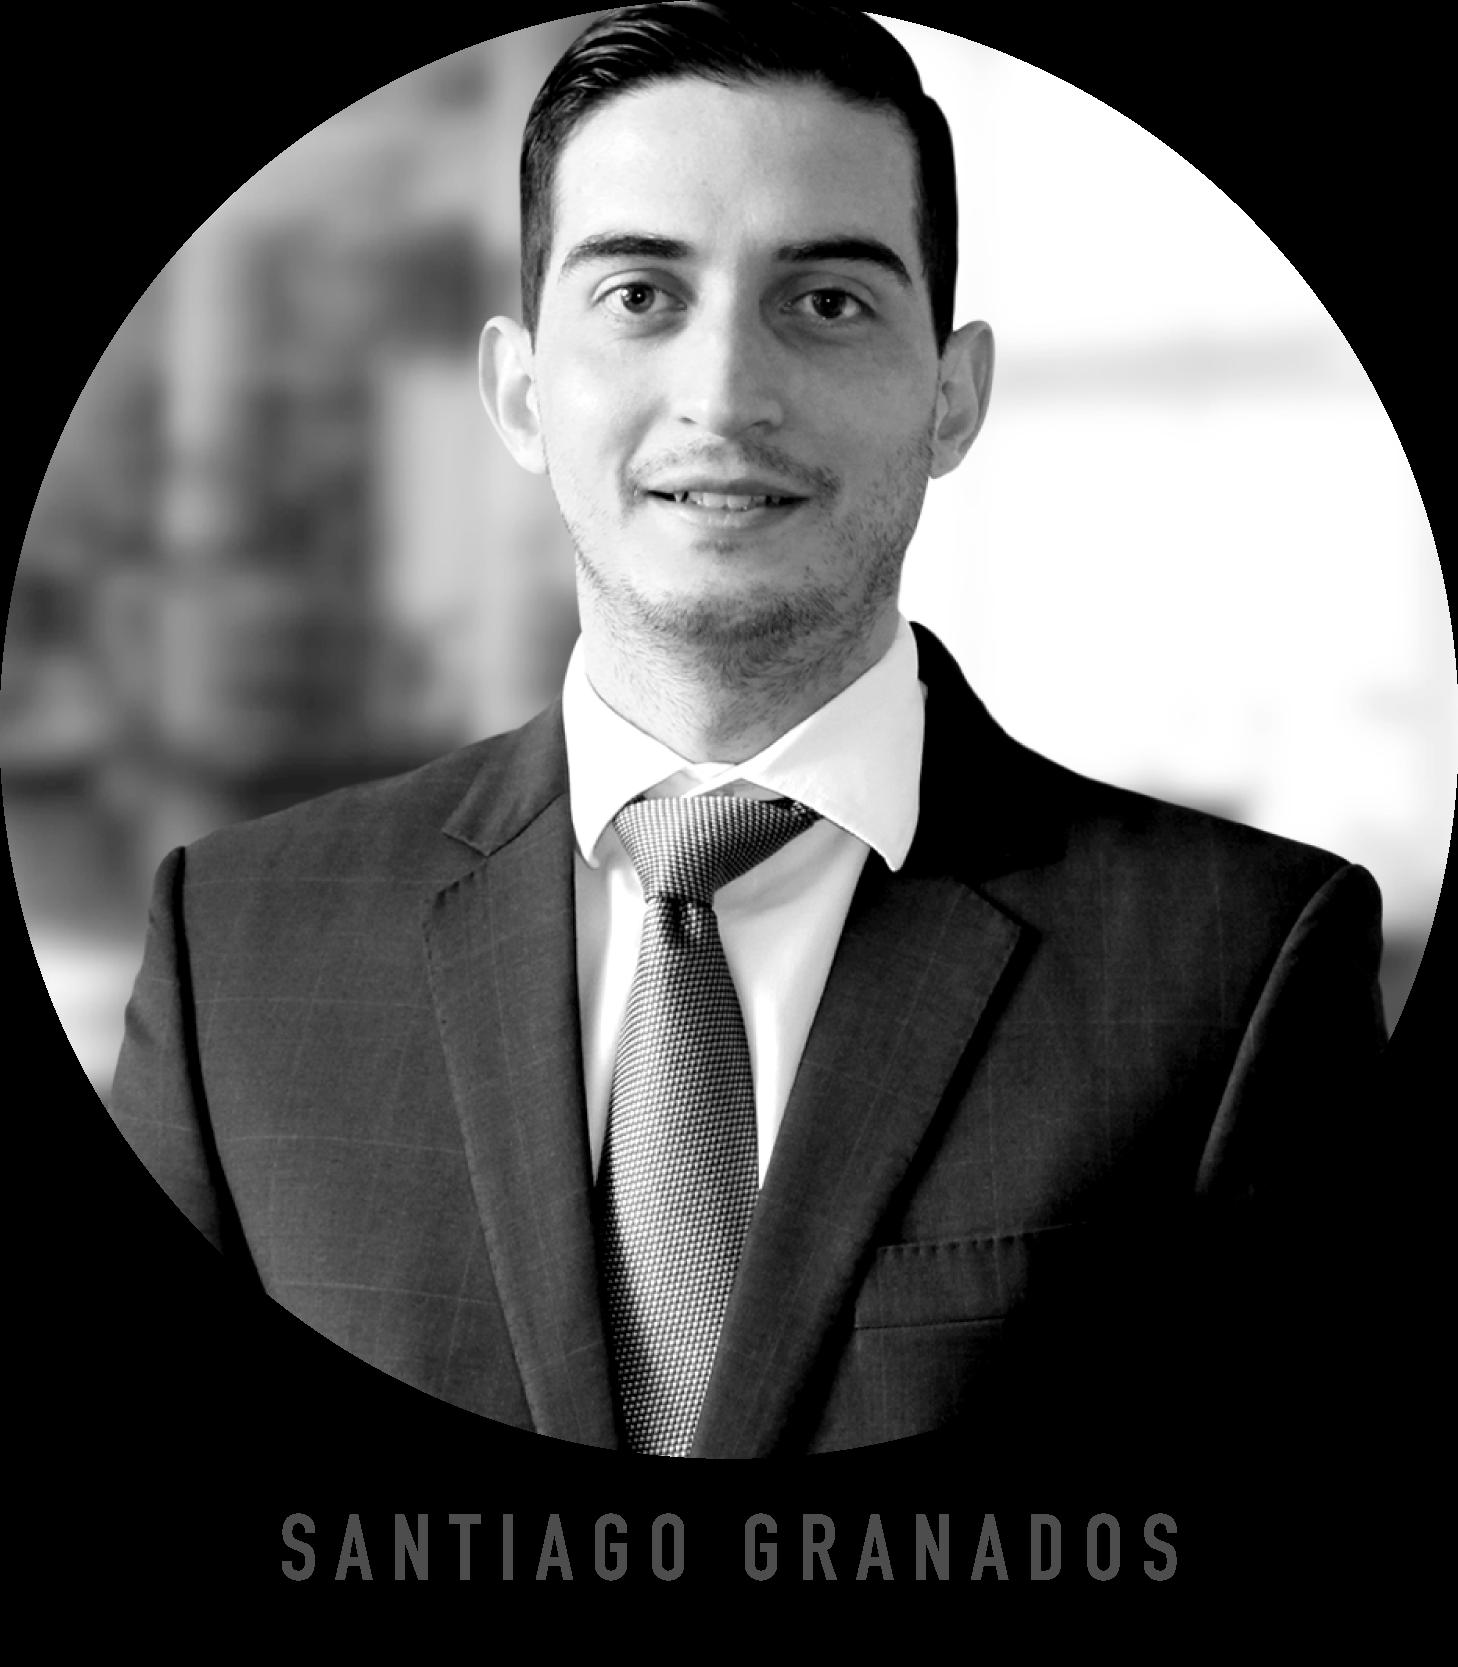 SANTIAGO_GRANADOS.png